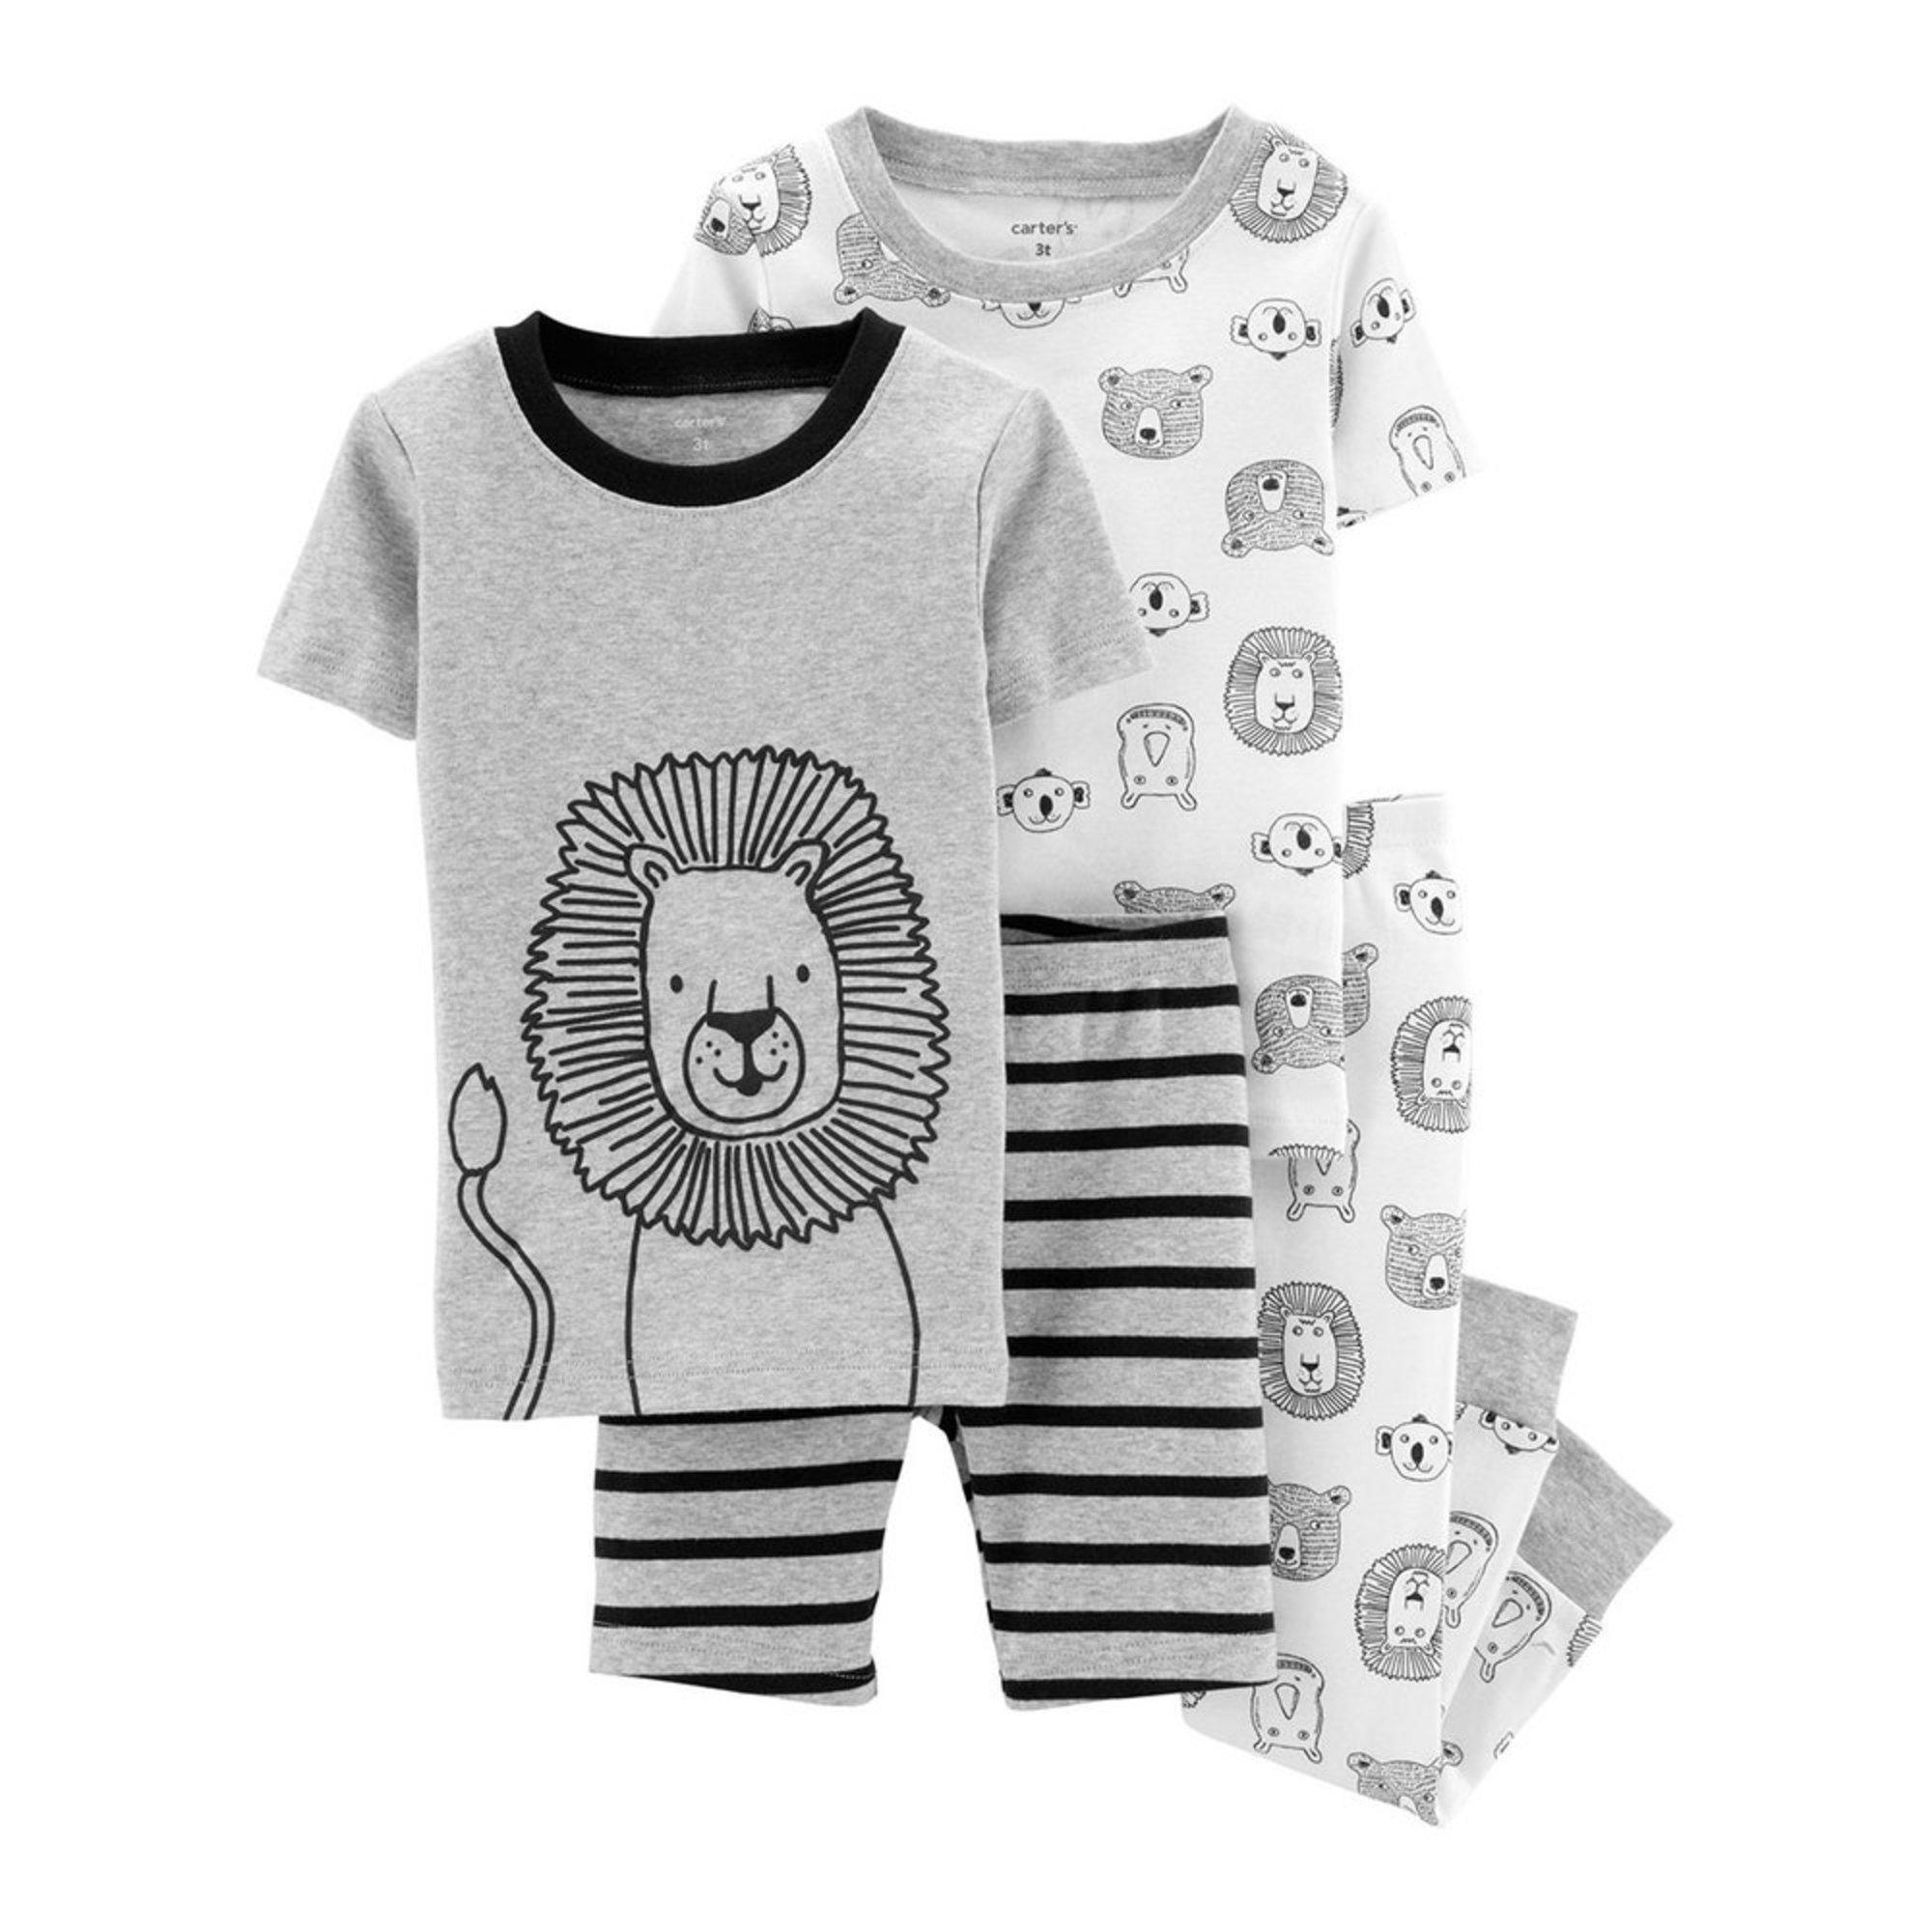 786faf003ff6 Carter s Toddler Boys  Animal Print Four-piece Print Pj Set